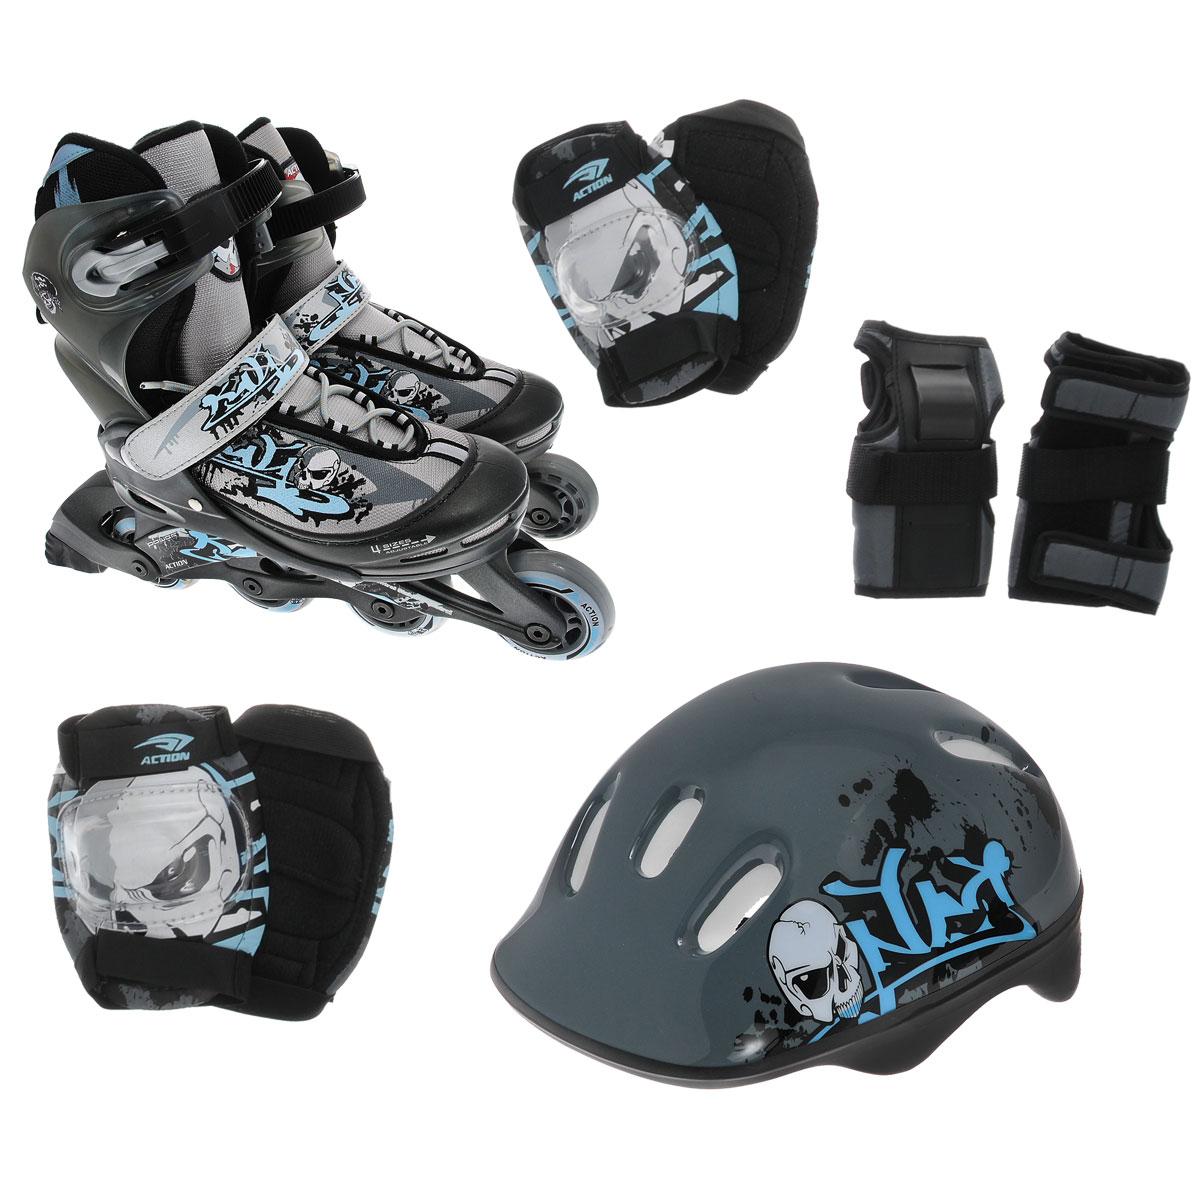 Набор Action: коньки роликовые, защита, шлем, цвет: серый, голубой. PW-117С. Размер 34/37PW-117СНабор для катания на роликах Action состоит из роликовых коньков, защиты (колени, локти, запястья) и шлема. Ботинок конька изготовлен из текстильного материла со вставкам из искусственной кожи, обеспечивающих максимальную вентиляцию ноги.Облегченная конструкция ботинка из пластика обеспечивает улучшенную боковую поддержку и полный контроль над движением. Изделие по верхудекорировано оригинальным принтом. Подкладка из мягкого текстиля комфортна при езде. Стелька изготовлена из ЭВА материала стекстильной верхней поверхностью. Классическая шнуровка с ремнем на липучке обеспечивает плотное закрепление пятки. На голенище модельфиксируется клипсой с фиксатором. Прочная рама из полипропилена отлично передает усилие ноги и позволяет быстро разгоняться.Колеса из ПВХ (64 мм) обеспечат плавное и бесшумное движение. Износостойкие подшипники класса ABEC-5 наименее восприимчивы кпопаданию влаги и песка. Задник оснащен широкой текстильной петлей, благодаря которой изделие удобно обувать. Верх шлема,оформленный ярким принтом, выполнен из поливинилхлорида, внутренняя часть - из пенополистирола. Отверстияпредназначены для лучшей вентиляции. В комплект входят элементы защиты локтей, коленей и запястий. Основание выполнено из нейлона. Защитныенакладки у подлокотников и наколенников исполнены из поливинилхлорида, а защитные накладки для запястий - из искусственной кожи иполивинилхлорида. УВАЖАЕМЫЕ КЛИЕНТЫ!Обращаем ваше внимание на различие в количестве колес в зависимости от размеров роликов: ролики размером 26/29 поставляются с 3 колесами, размерами 30/33 и 34/37 - с 4.